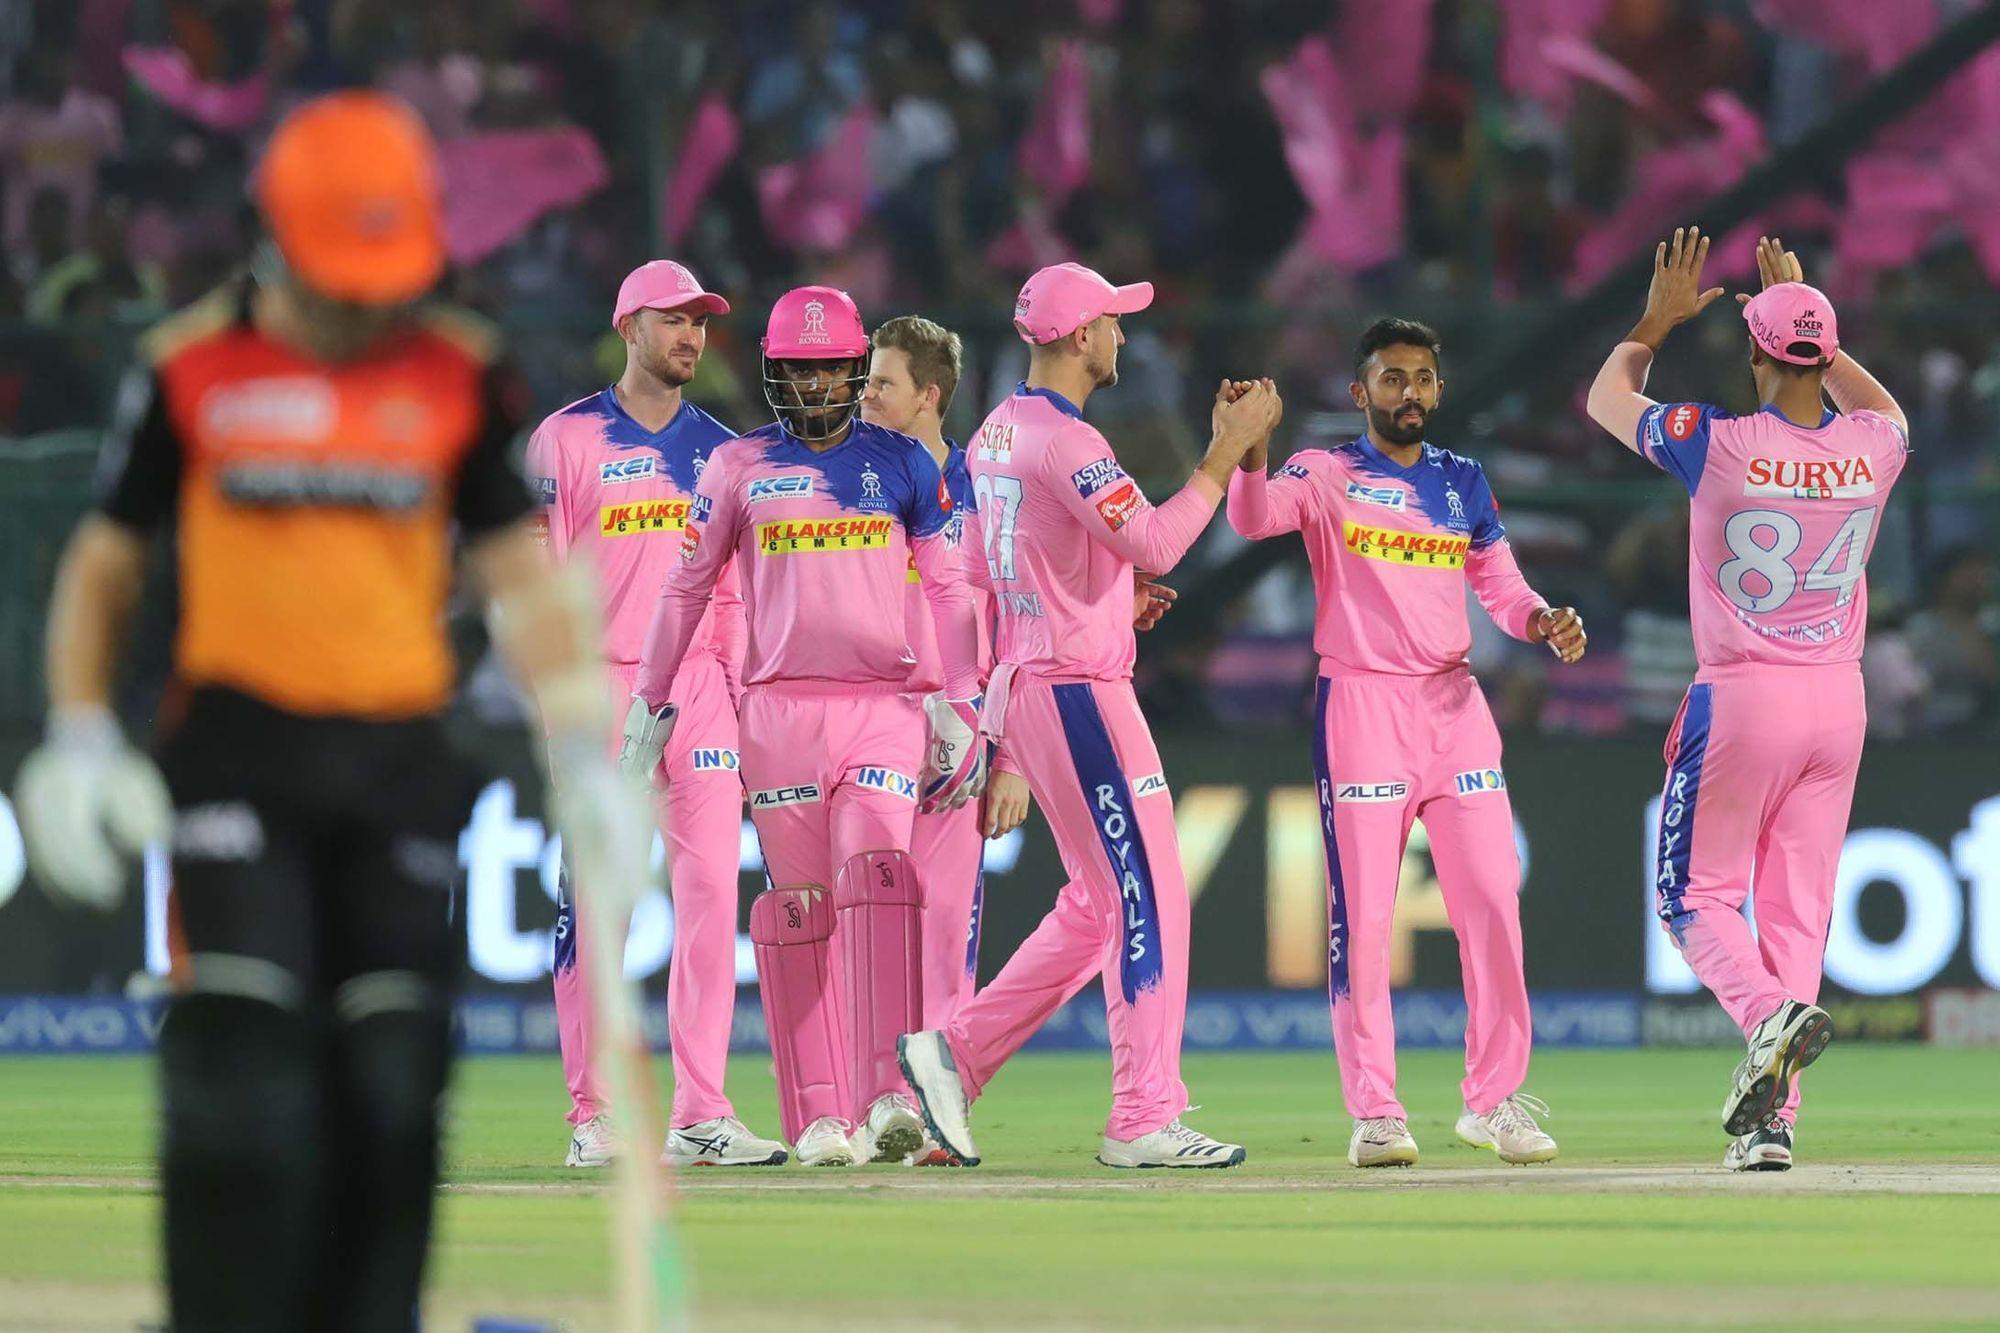 RRvsSRH : संजू सैमसन की शानदार पारी के दम पर राजस्थान ने हैदराबाद को 7 विकेट से हराया 18